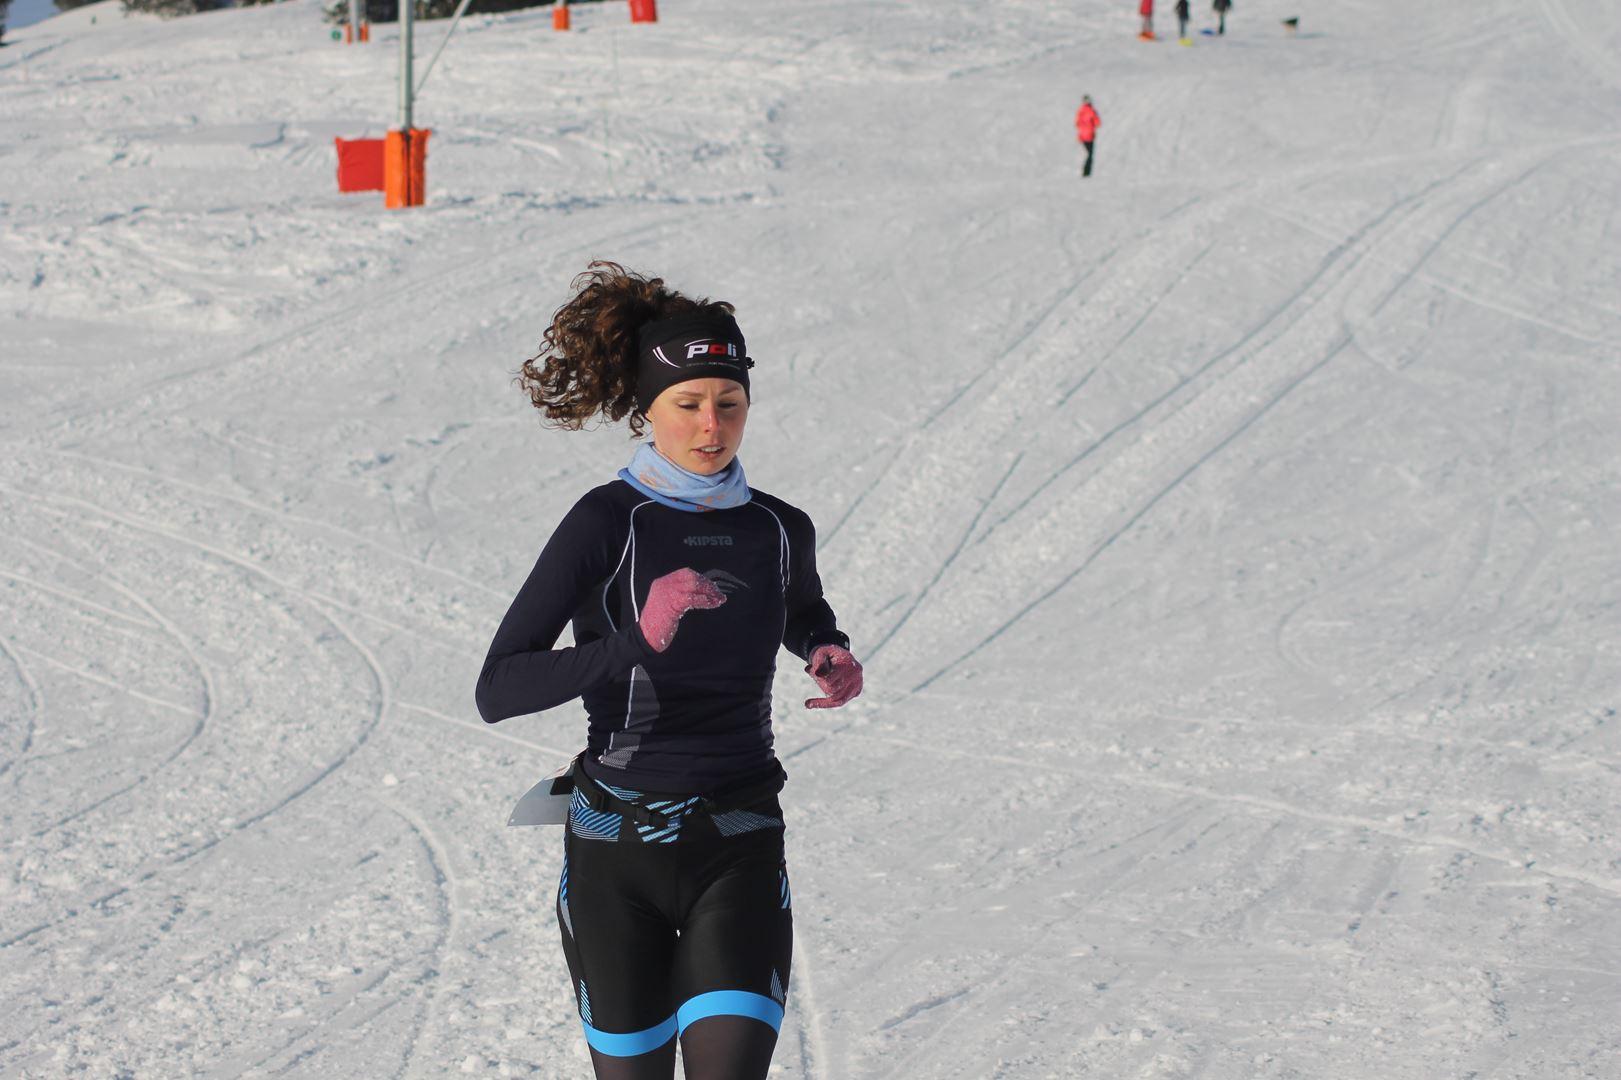 Céline Fauth 1ere femme du 8km - WITT: RESULTATS, PHOTOS ET COMPTE RENDU DU TRAIL BLANC DE CHAMROUSSE 01-04-2018